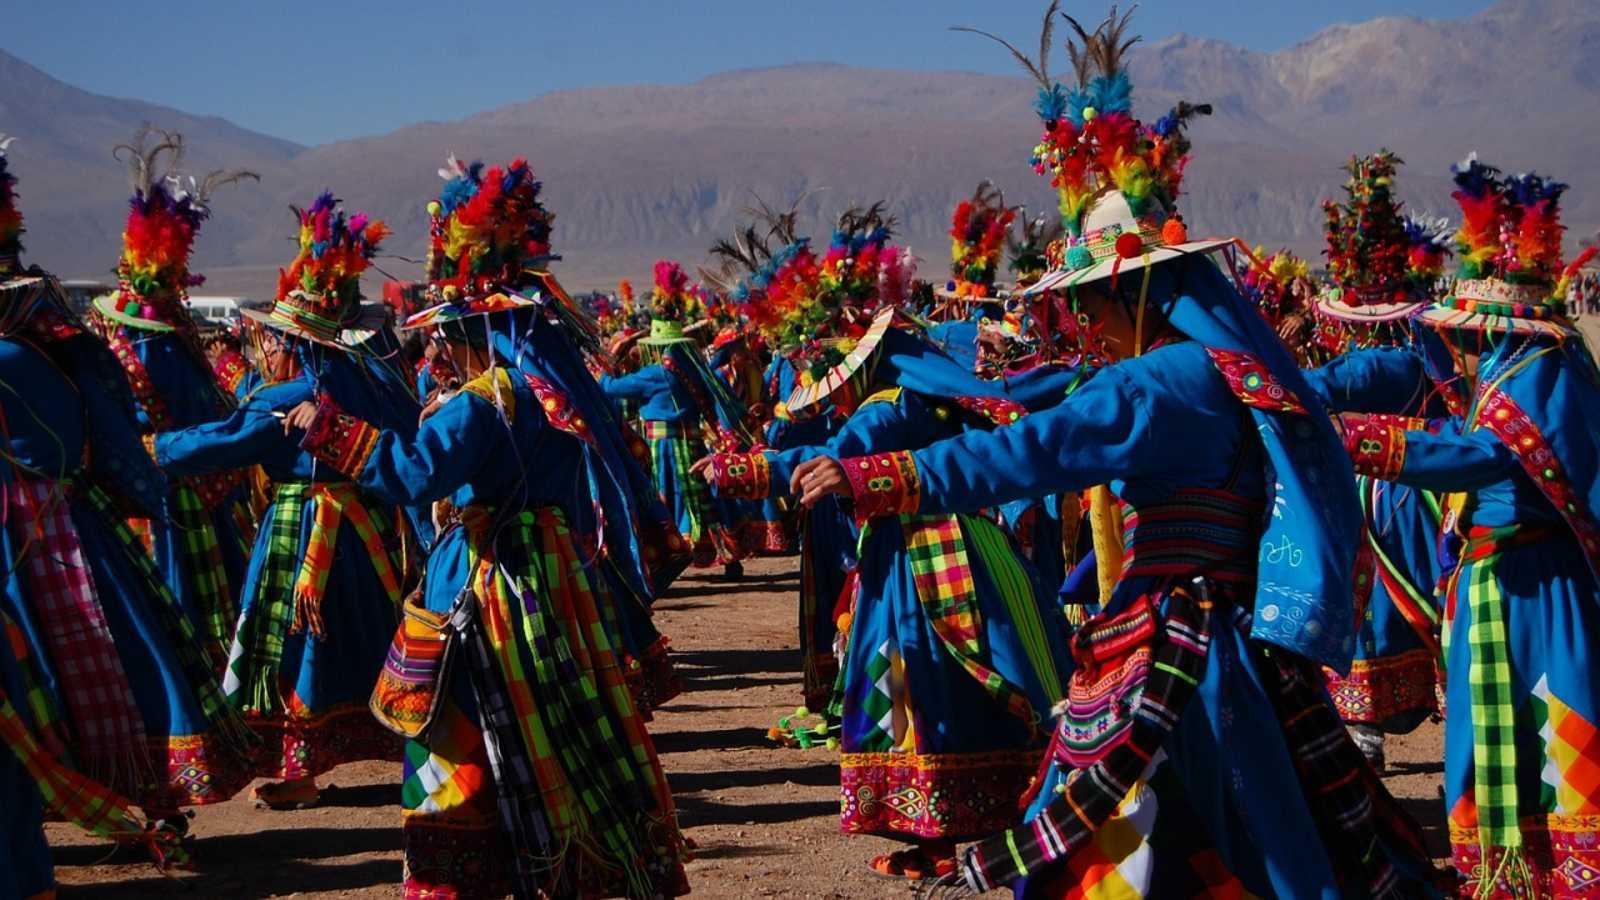 Tapiz sonoro - AmericÁfrica XII: Chile, Bolivia y Paraguay - 20/09/20 - escuchar ahora